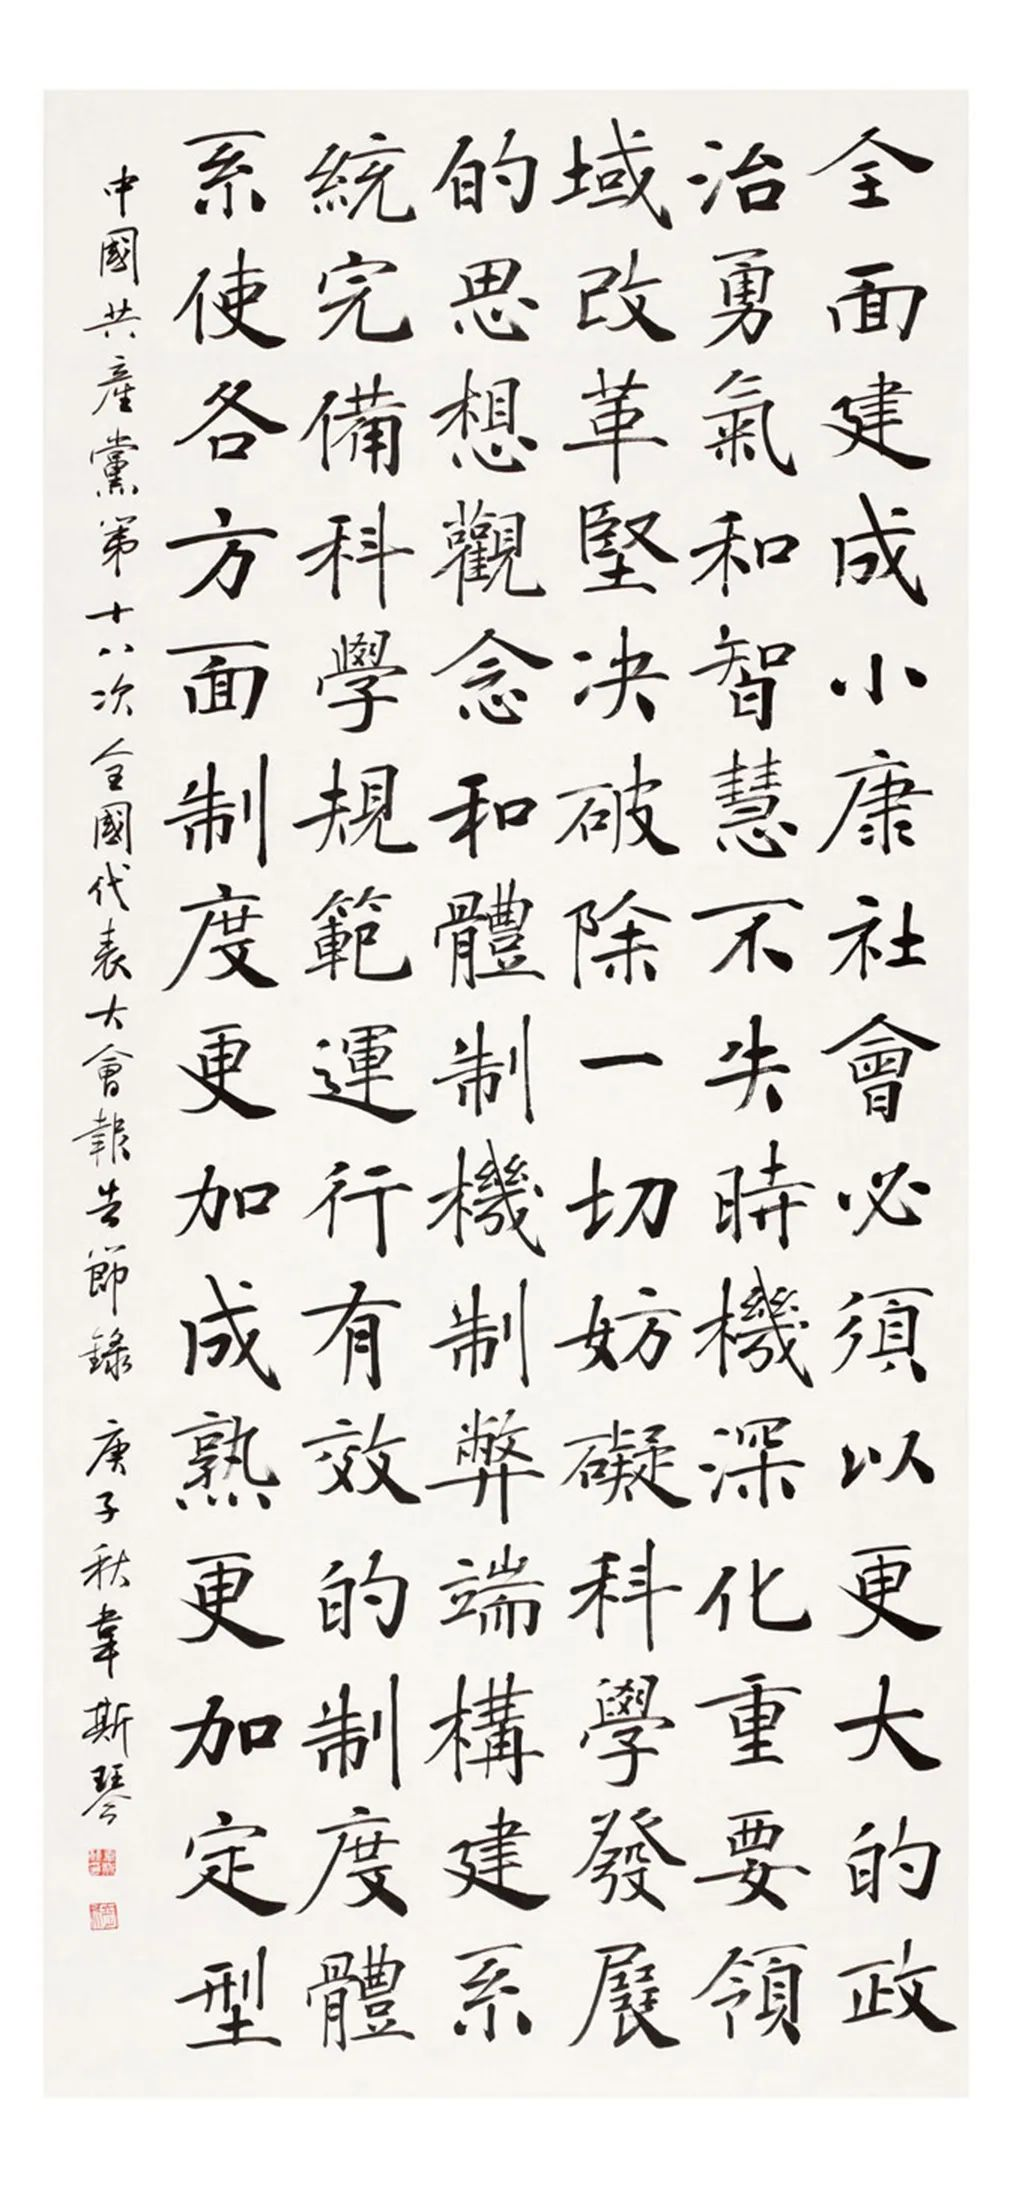 中国力量——全国扶贫书法大展作品 | 第一篇章 :人民至上(图23)